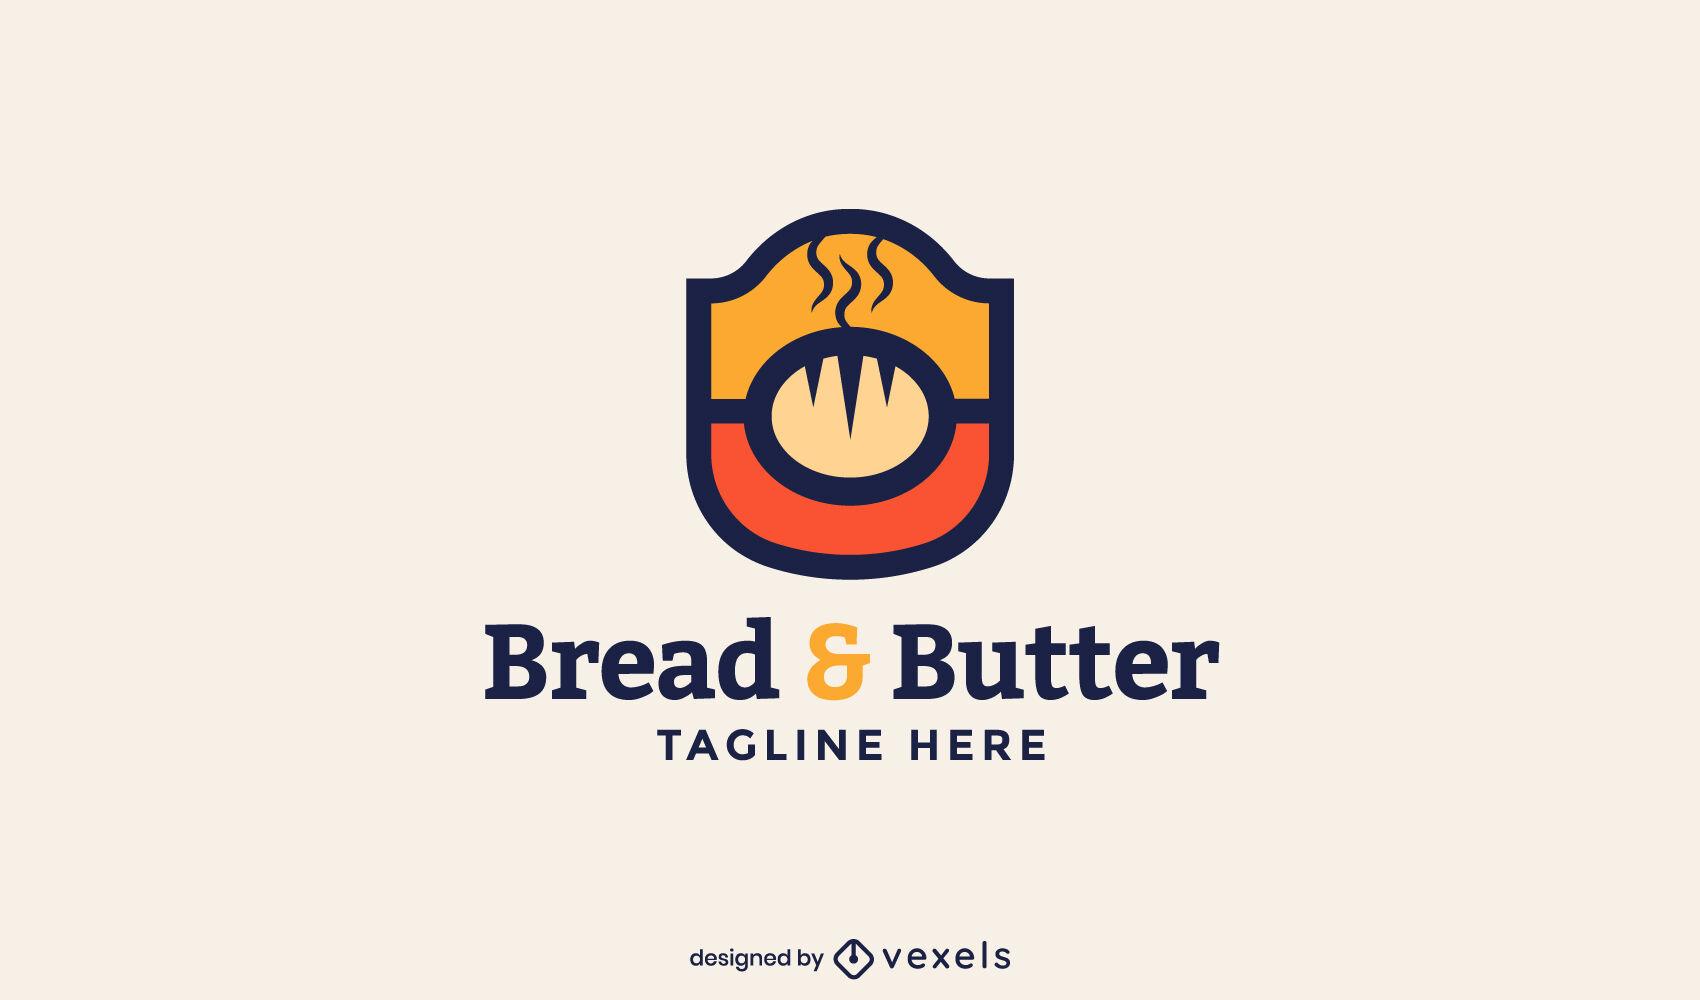 Komplettes Branding-Kit für das Logo der Brotbäckerei